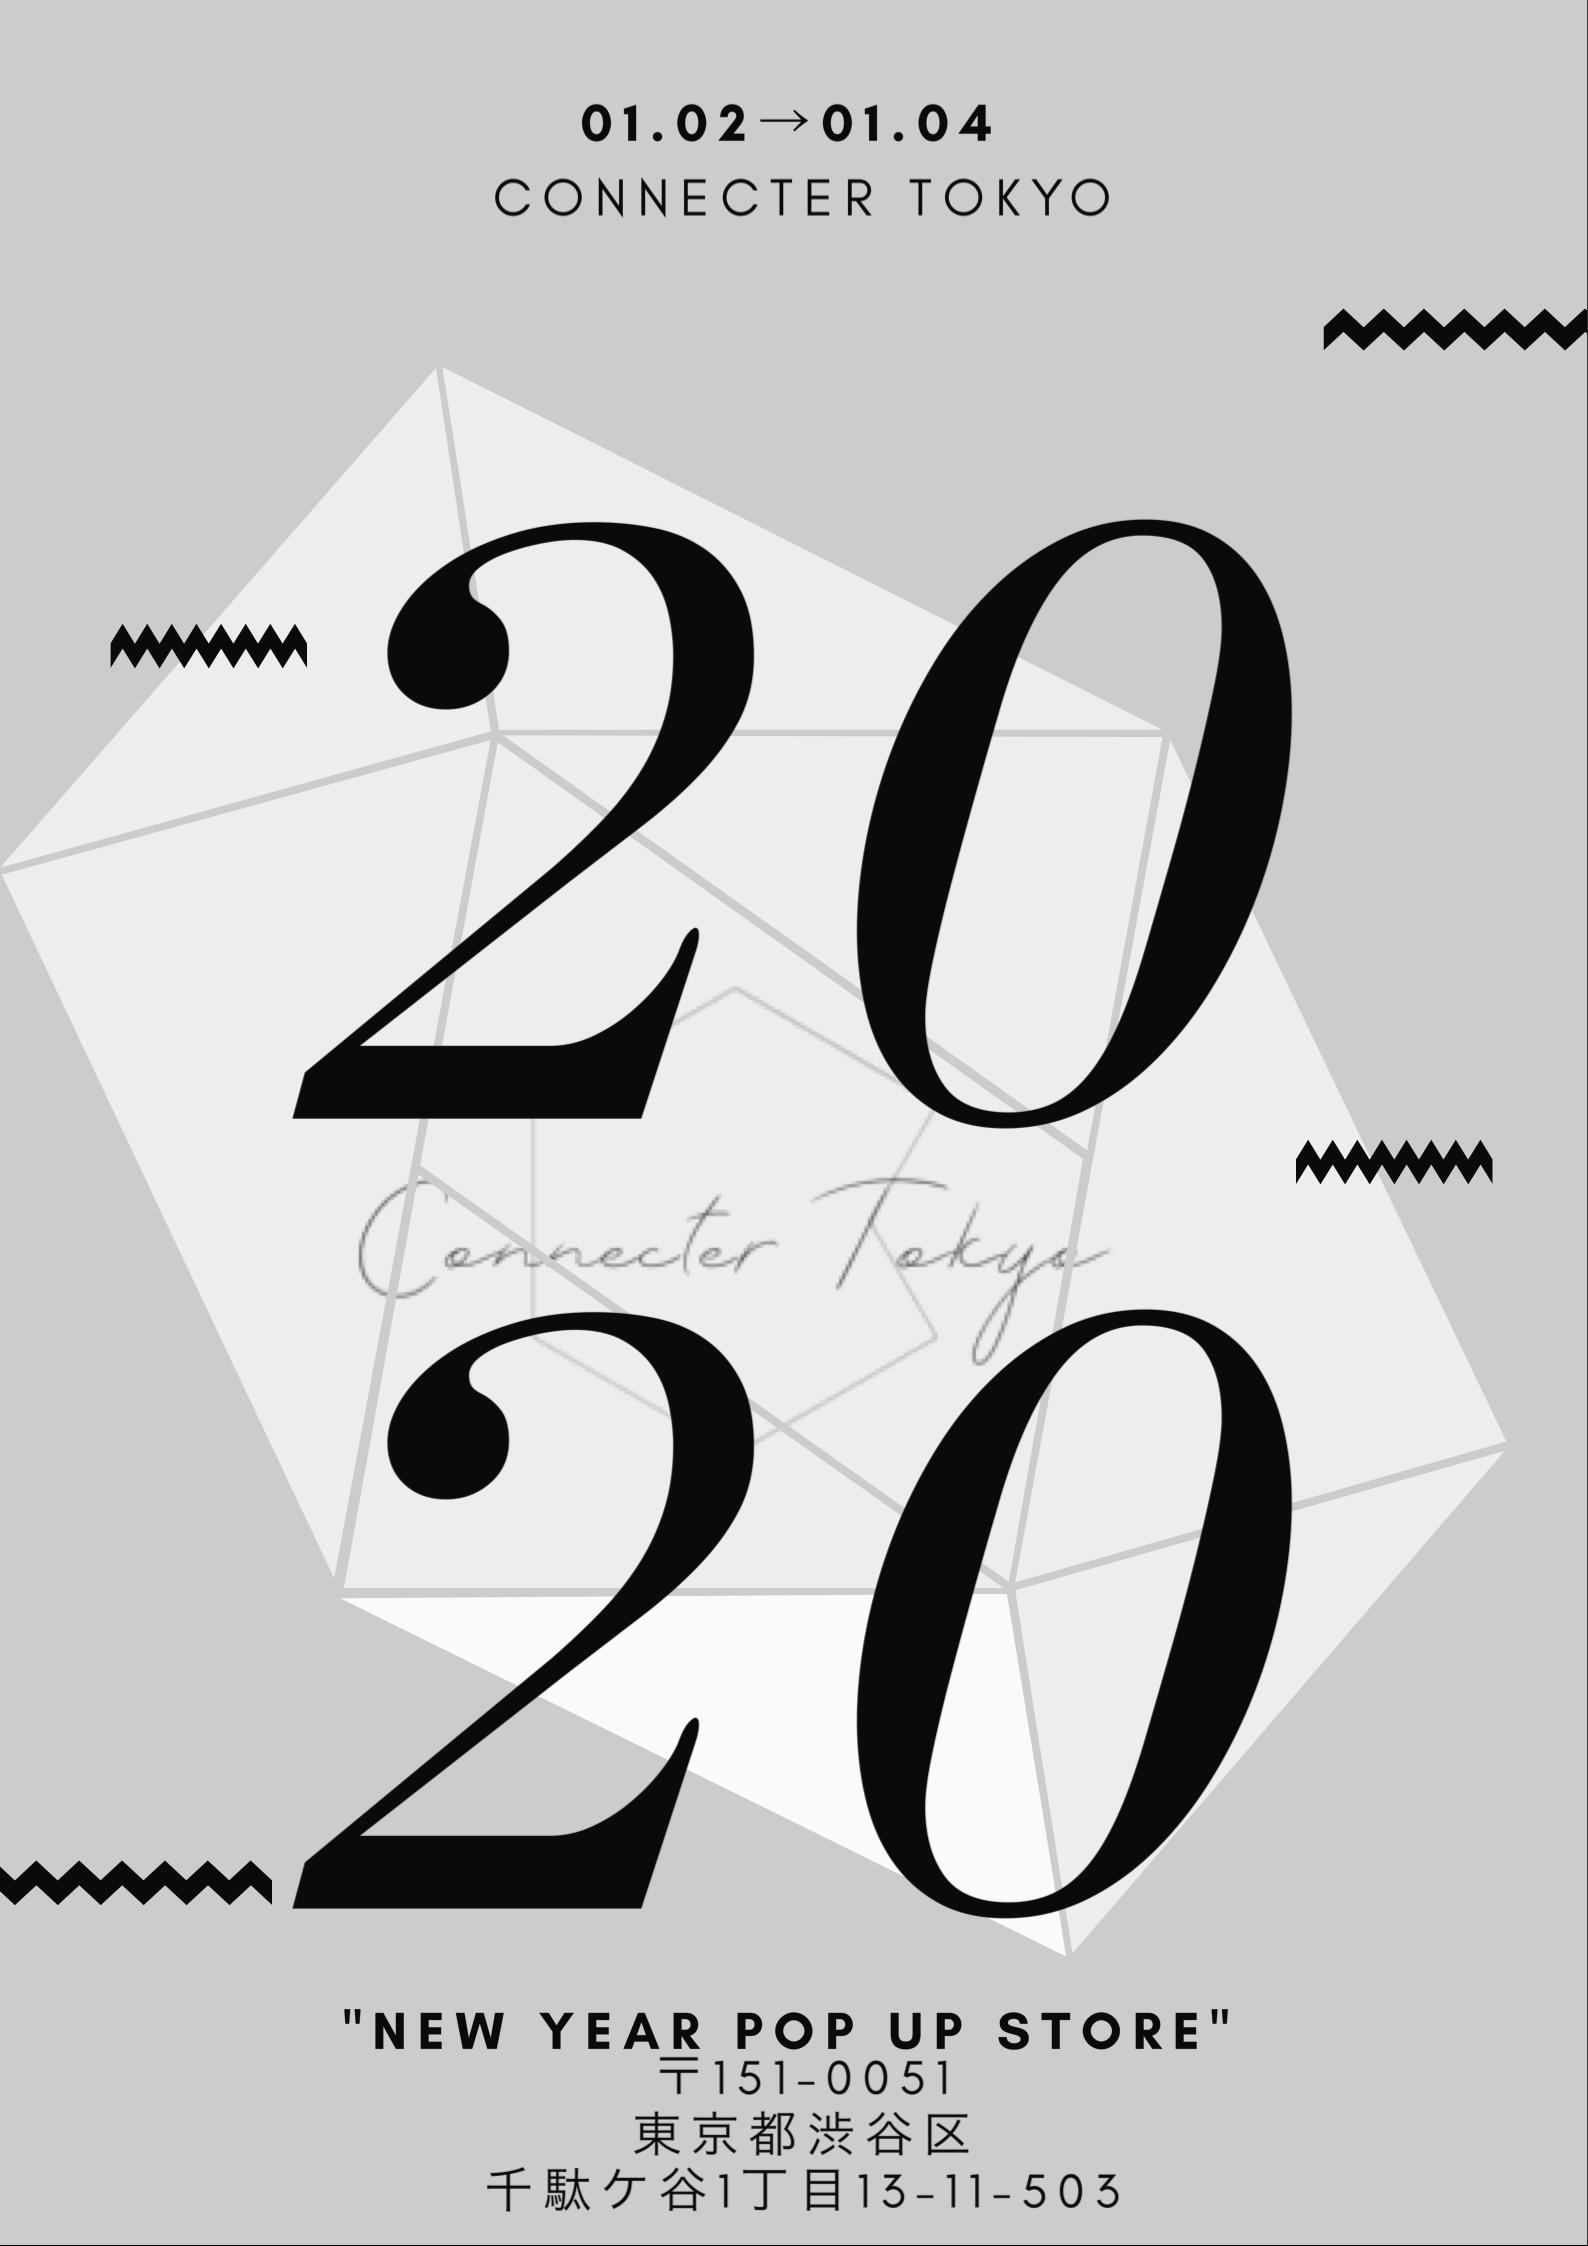 【info】 2020.1/2→1.4 pop up in 千駄ヶ谷